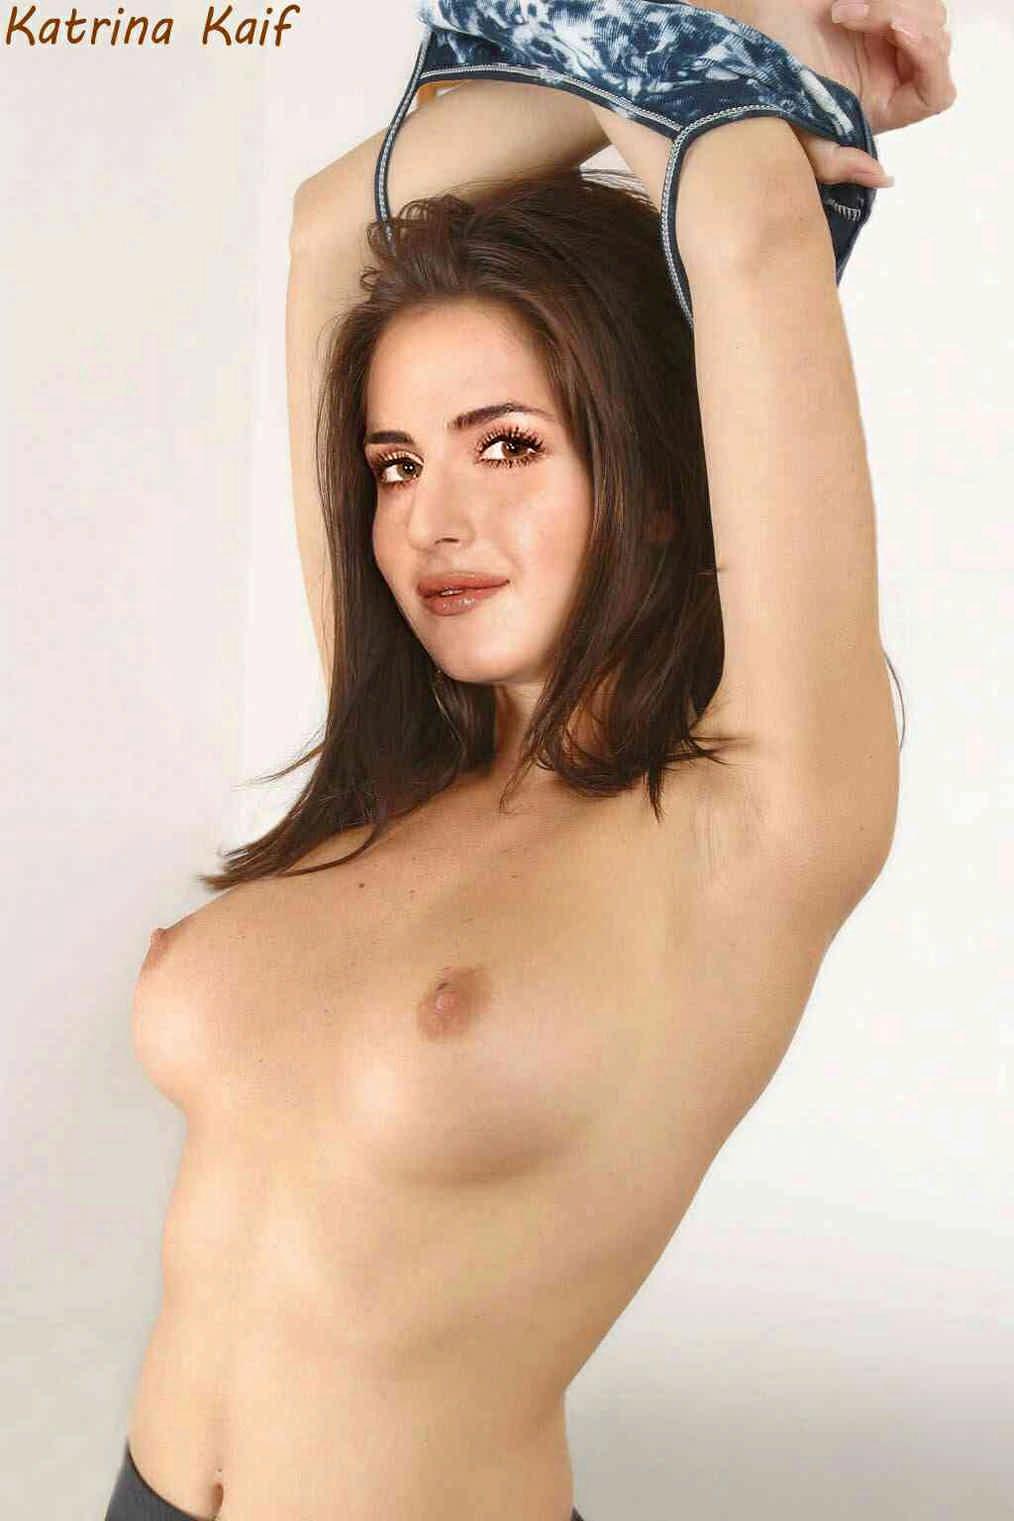 Katrina kaif xxx photos. com